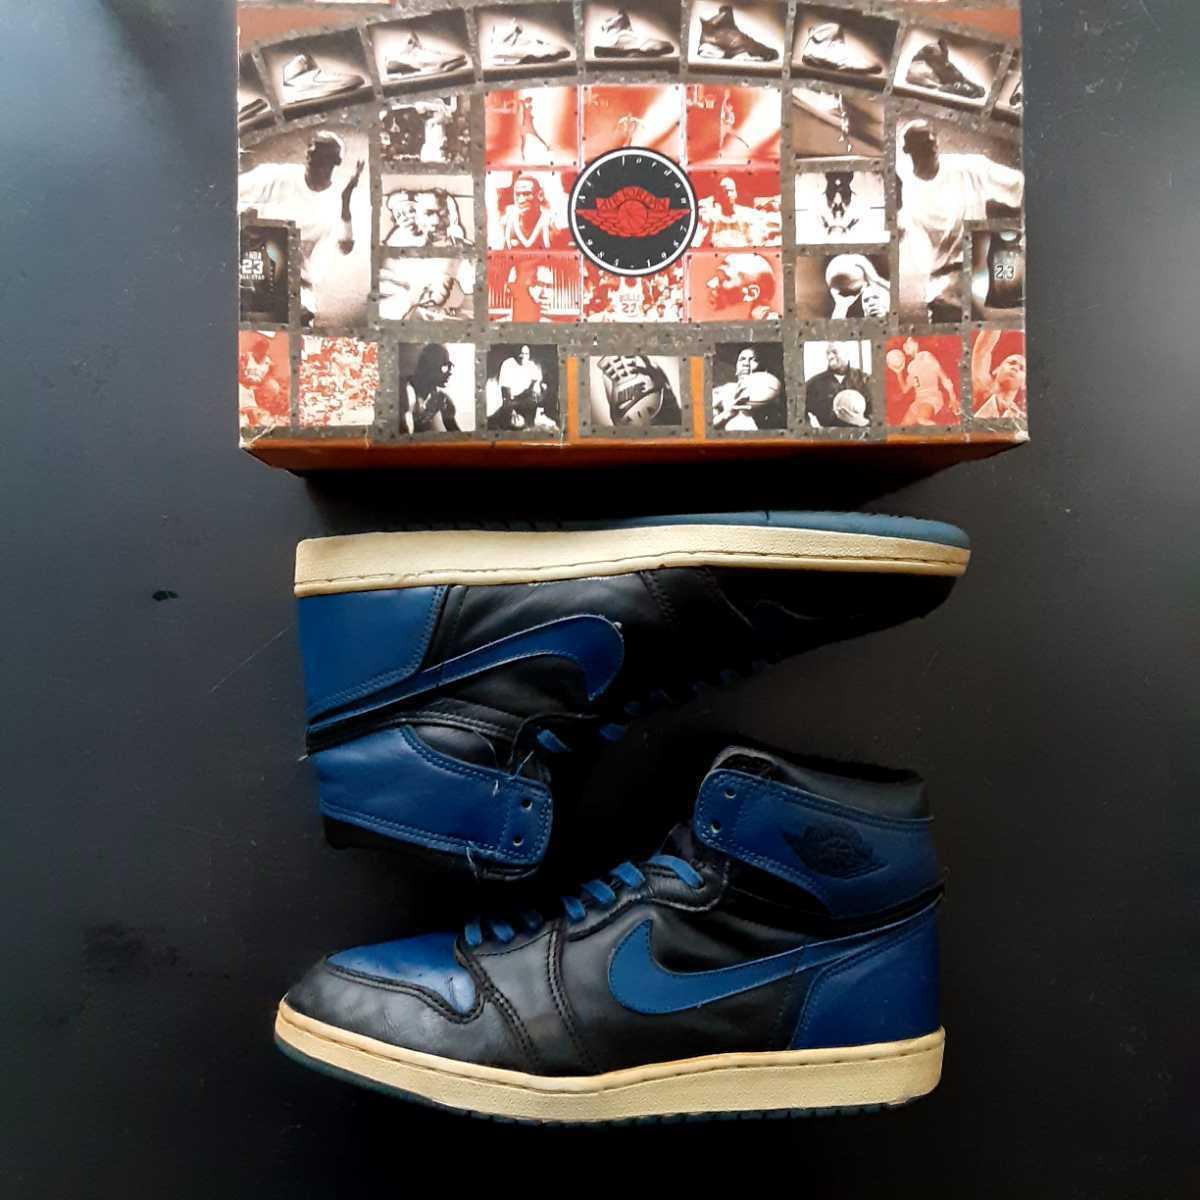 28cm NIKE AIR JORDAN 1 HIGH ROYAL BLUE 851101BY 1985 ナイキ エア ジョーダン ハイ ロ